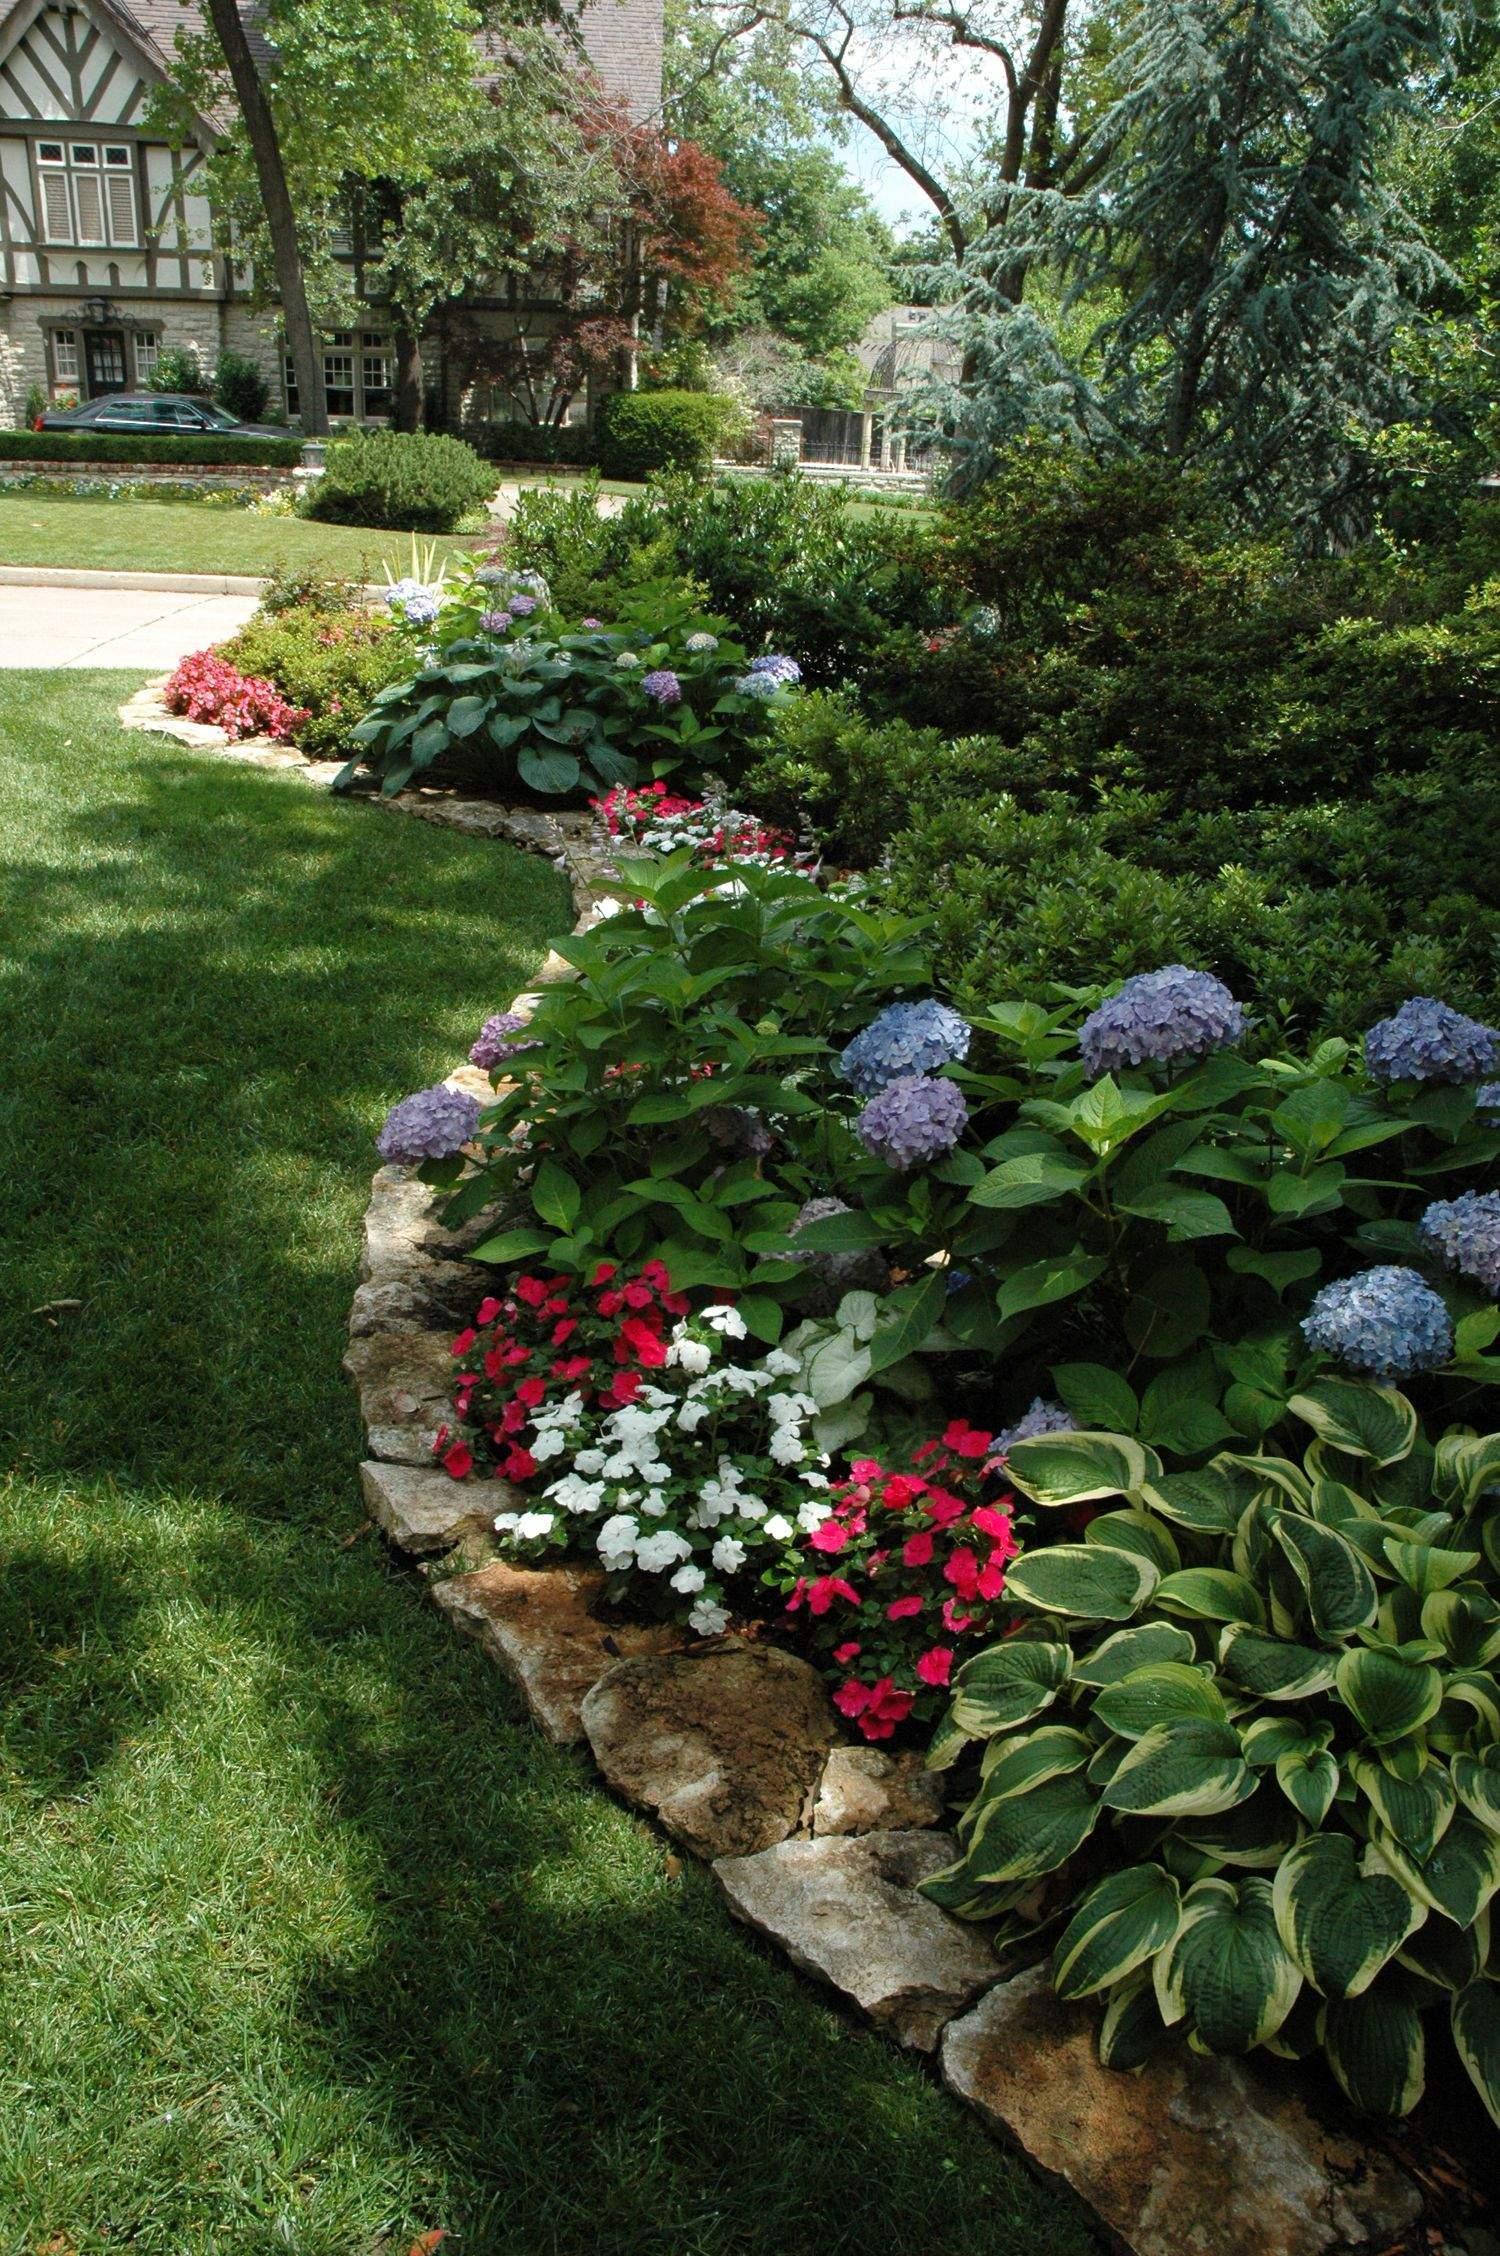 Deko Ideen Mit Steinen Im Garten Frisch 27 Reizend Hangsicherung Garten Luxus